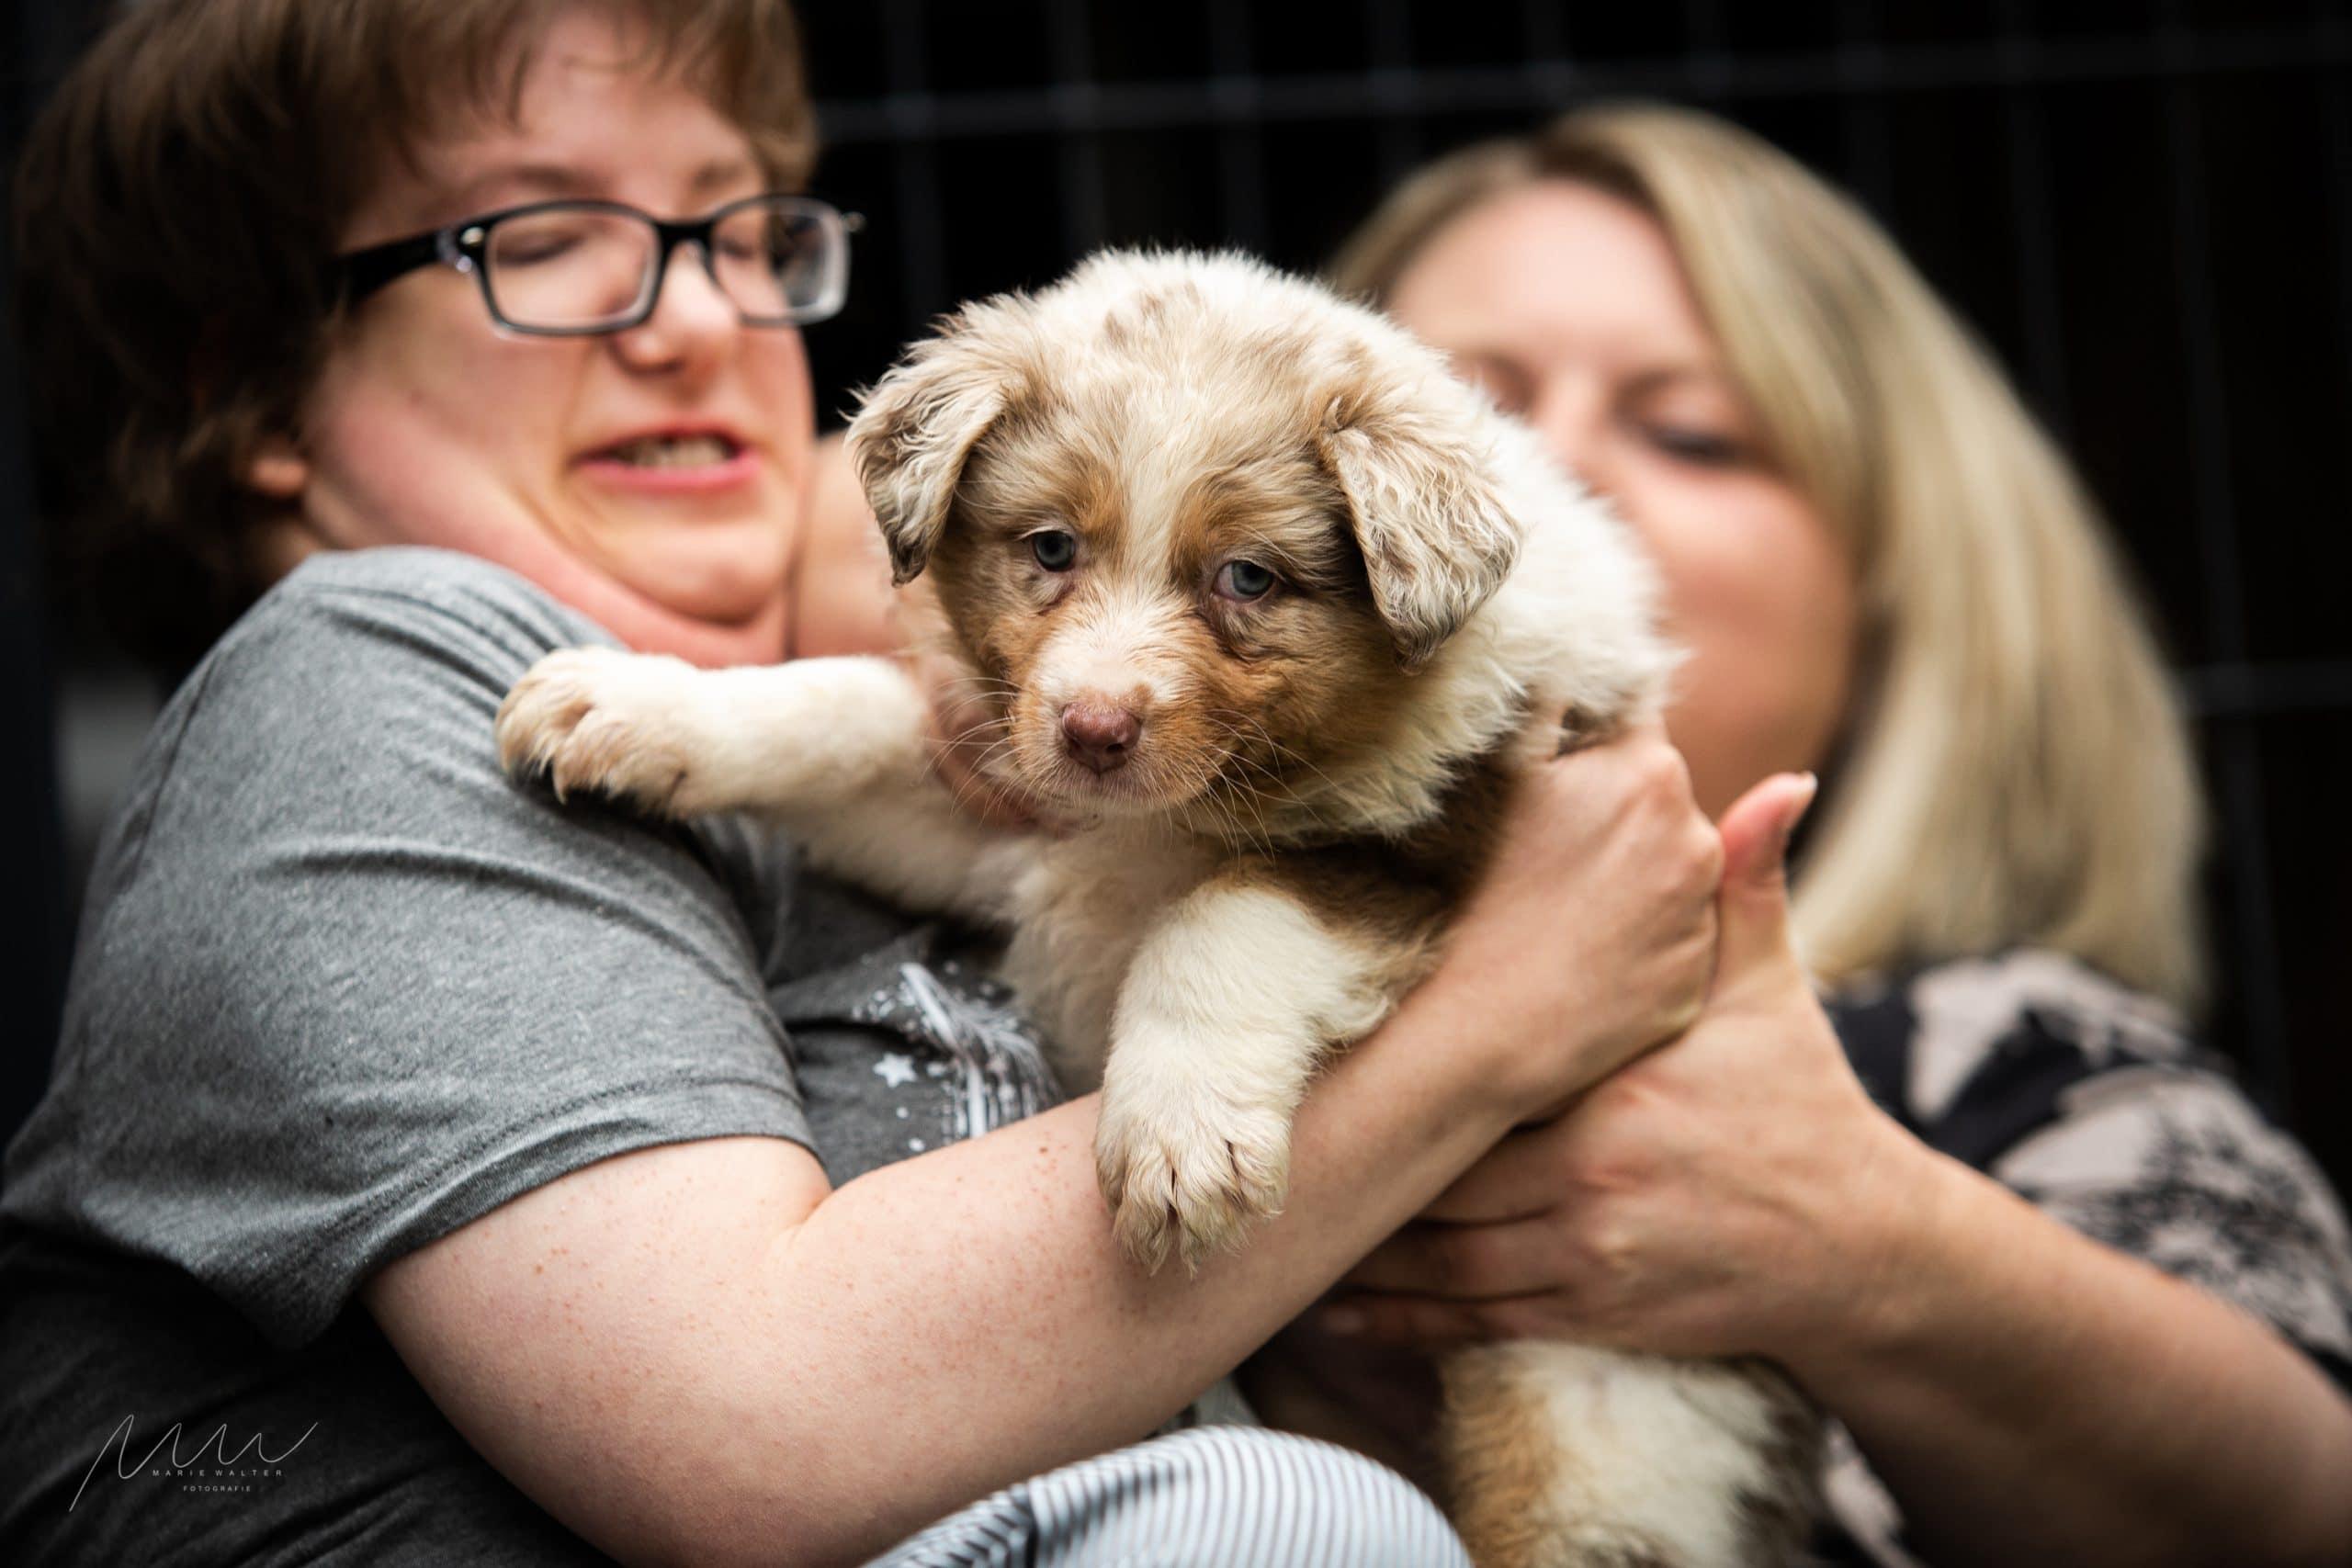 Handycap People zu Besuch Bild 3 - Einsatz als Therapiehund